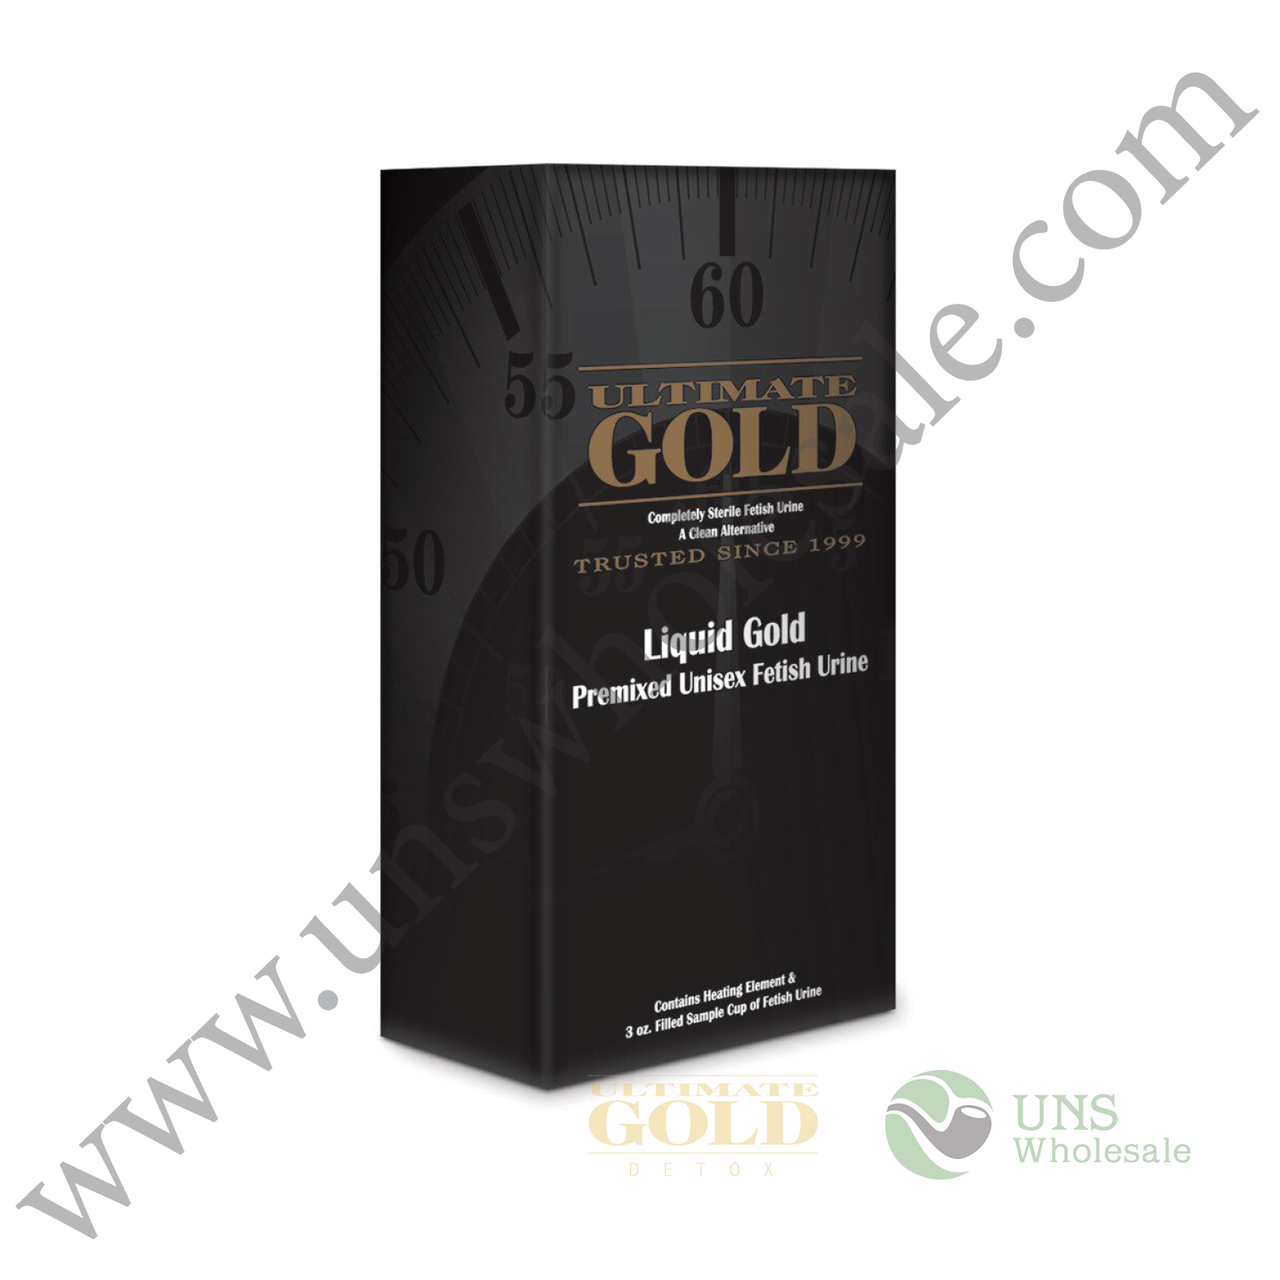 Ultimate Gold Liquid Gold Fetish Urine